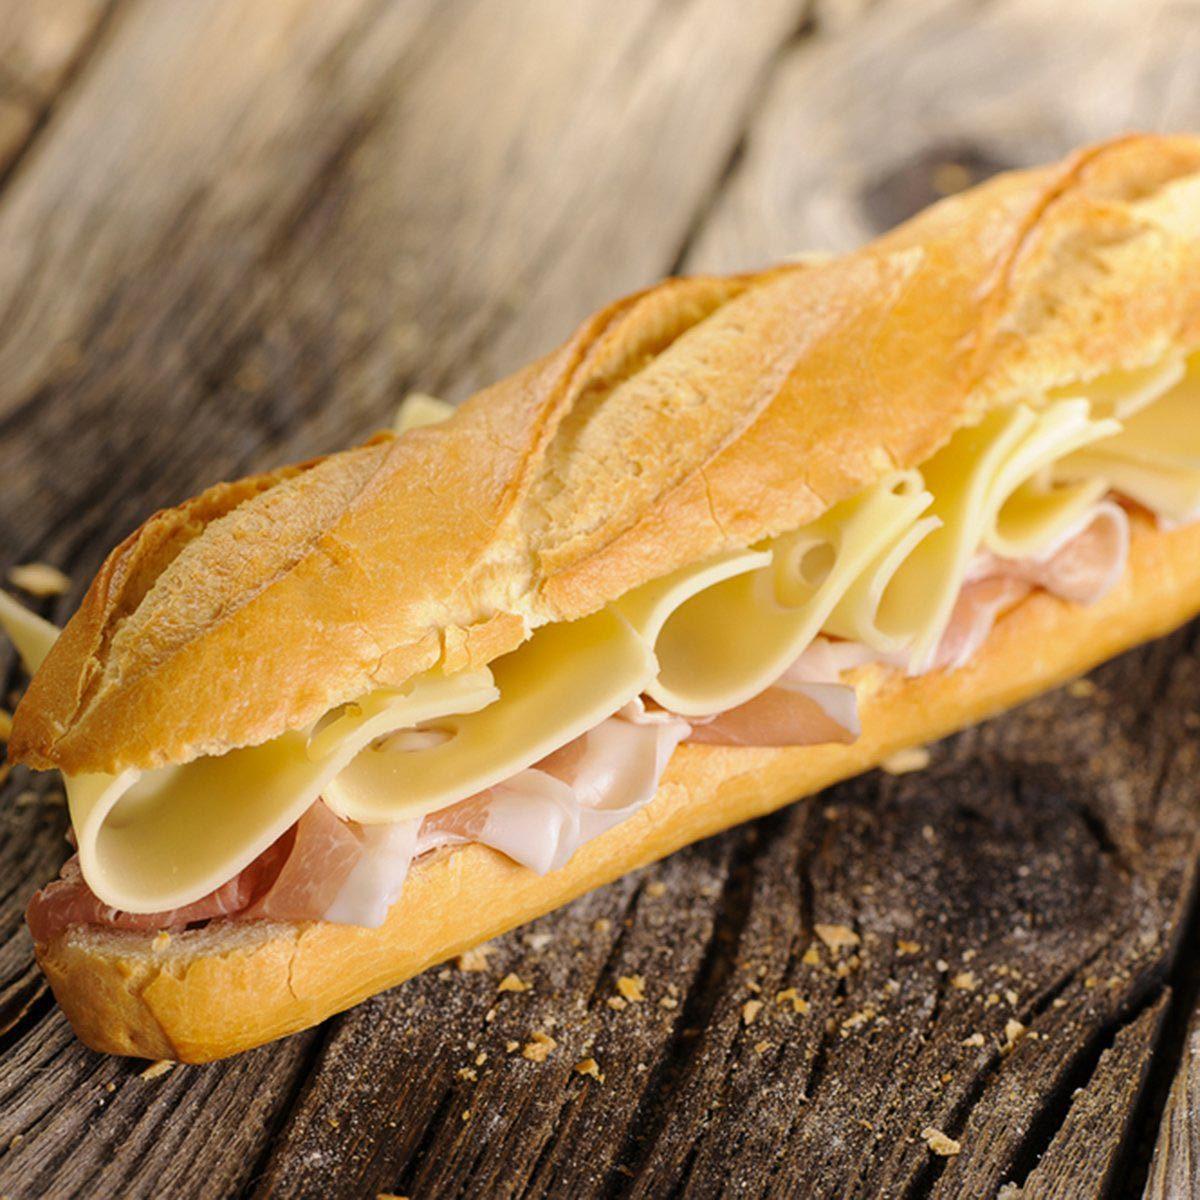 Pour cuisinier rapidement, faites un seul sandwich et coupez-le en autant de morceaux que vous le souhaitez.